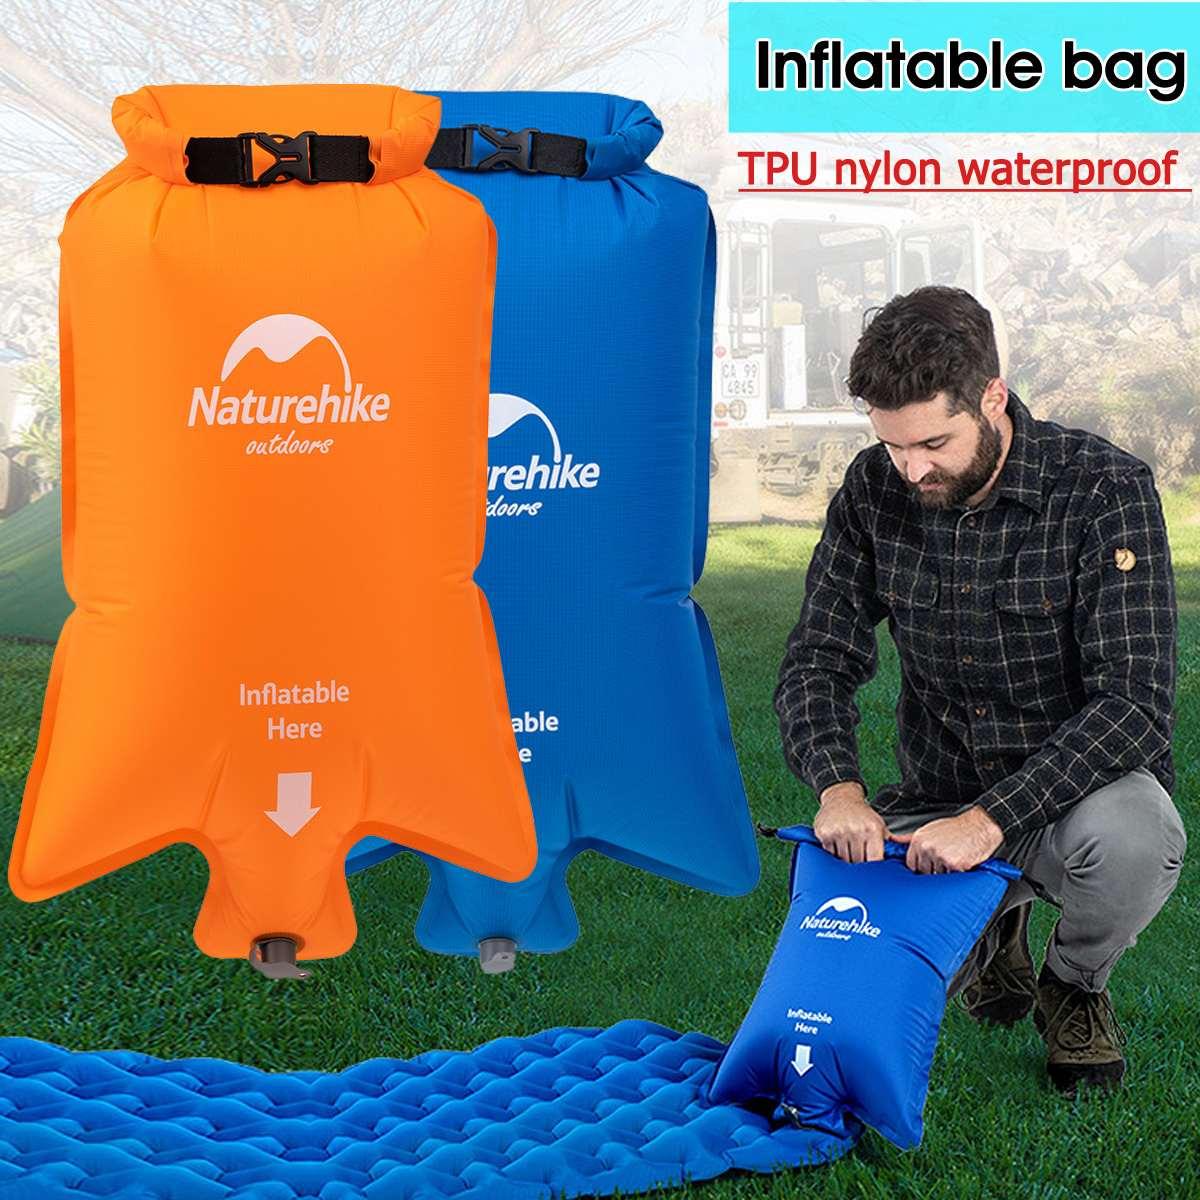 Naturehike Моющийся Портативный стильный нейлоновый надувной мешок, Водонепроницаемый сухой мешок для воздушных матрацев, спальный коврик, ков...